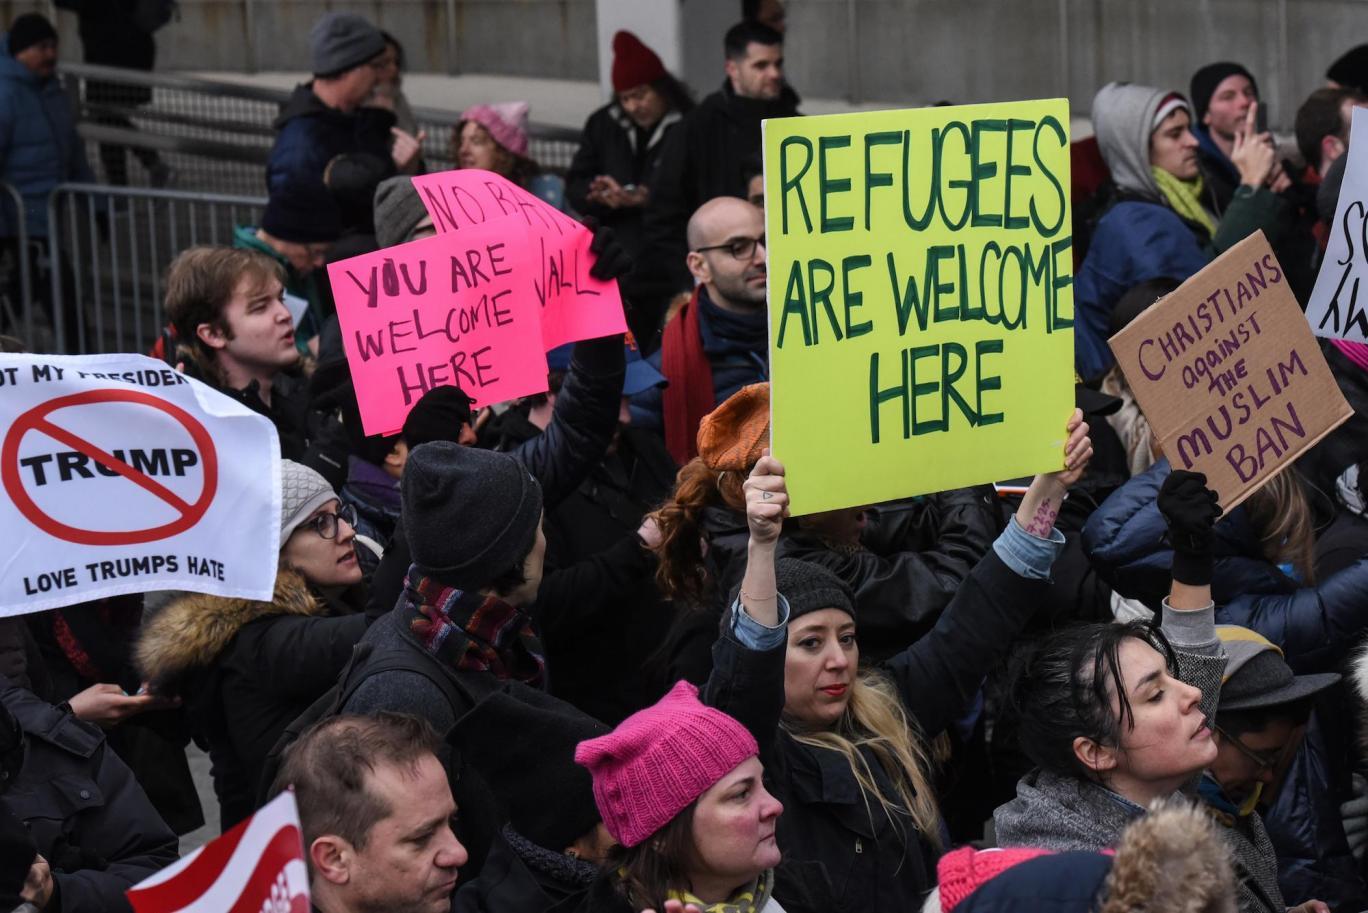 مظاهرات بريطانيا يرفعون شعار اللاجئون مرحب بهم